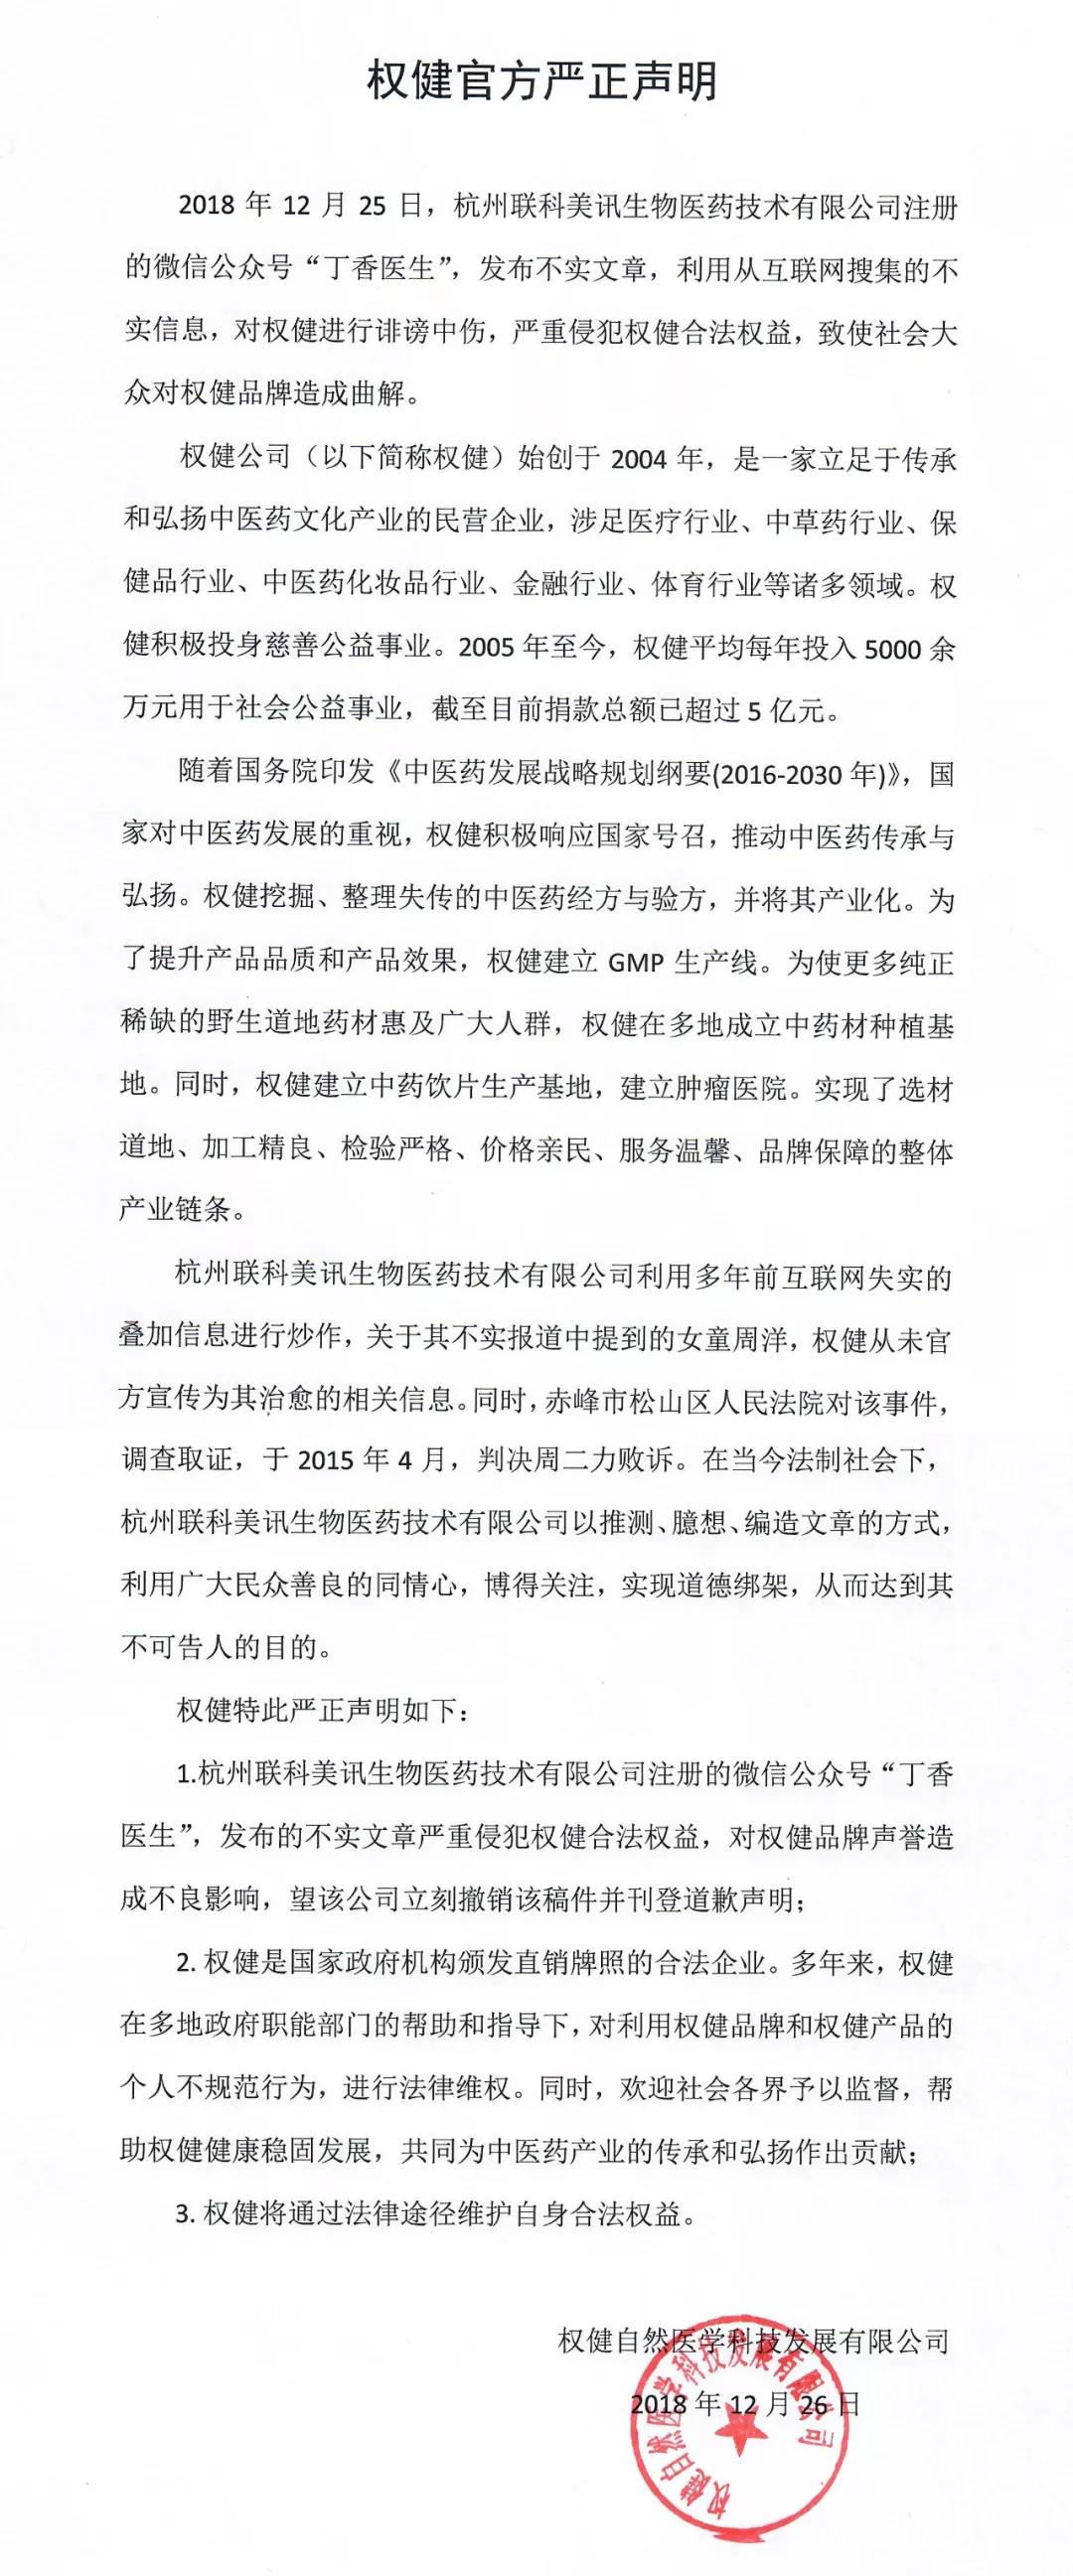 权健宣布声明称丁香大夫宣布文章不实 严峻侵权